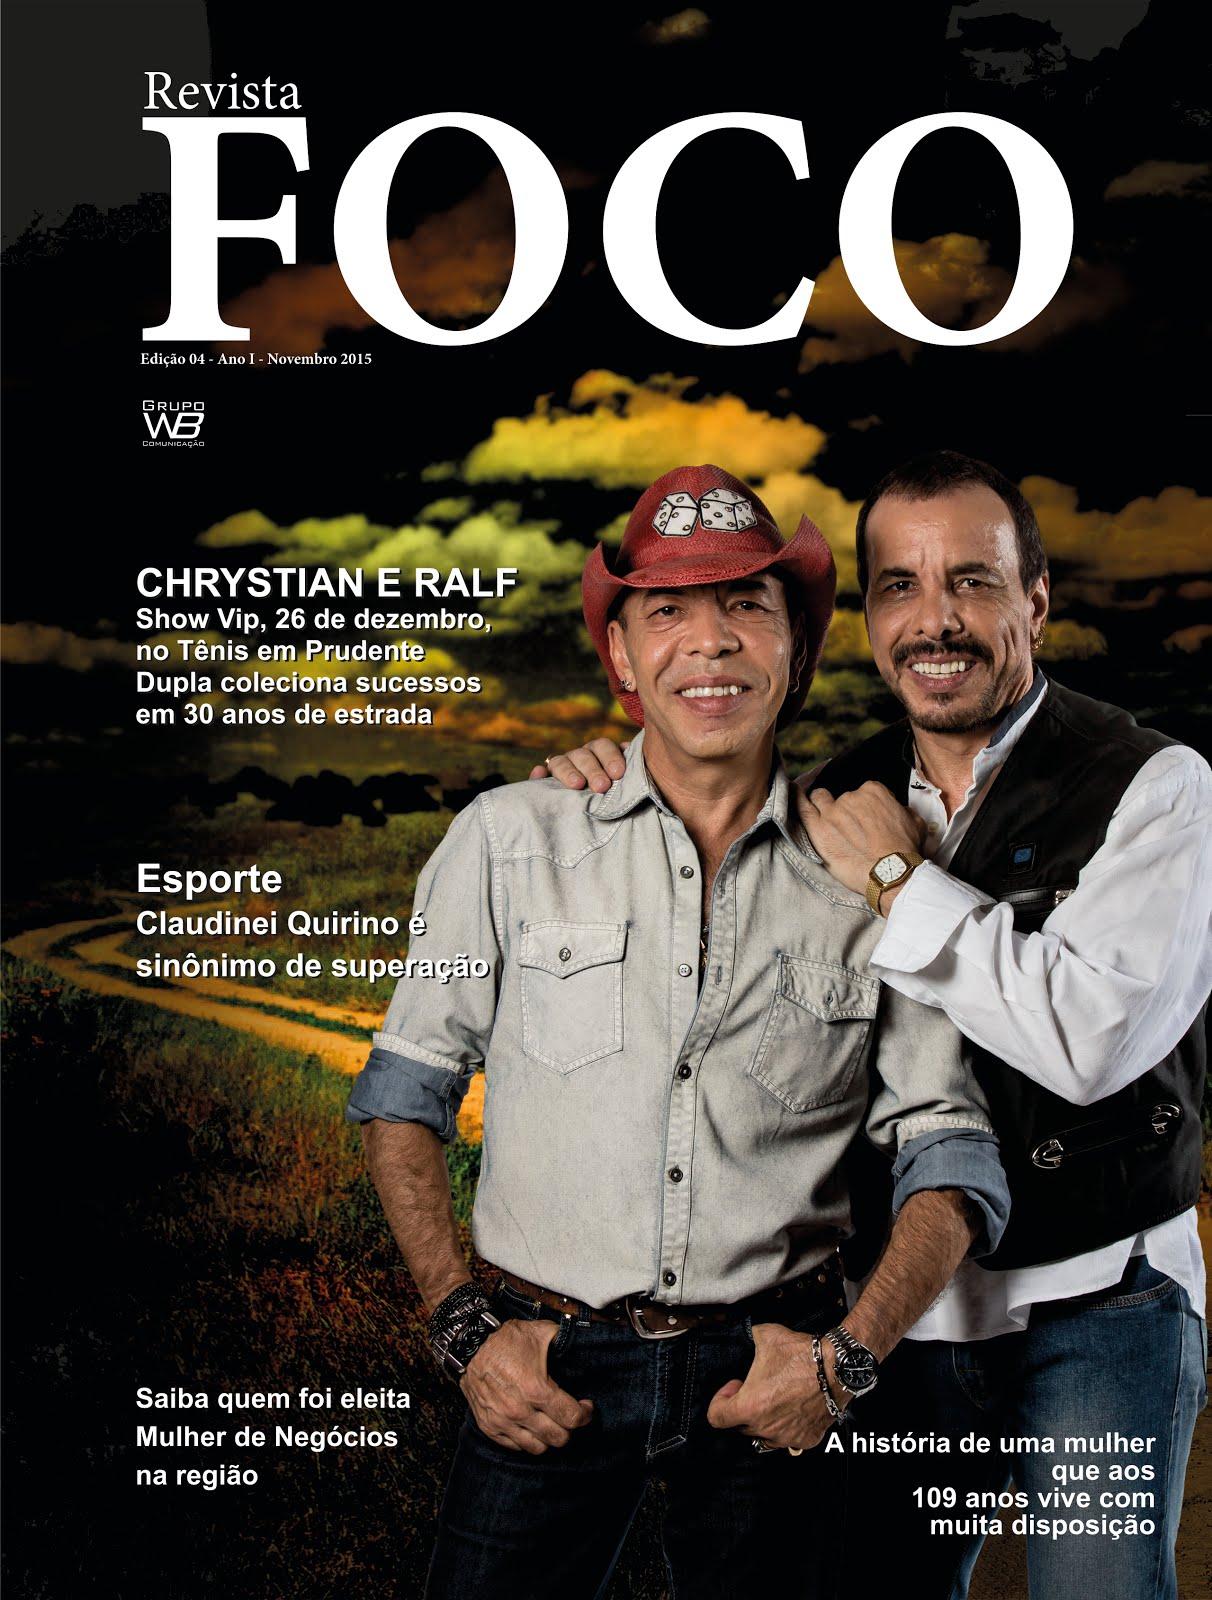 Clique na imagem e leia a Revista Foco